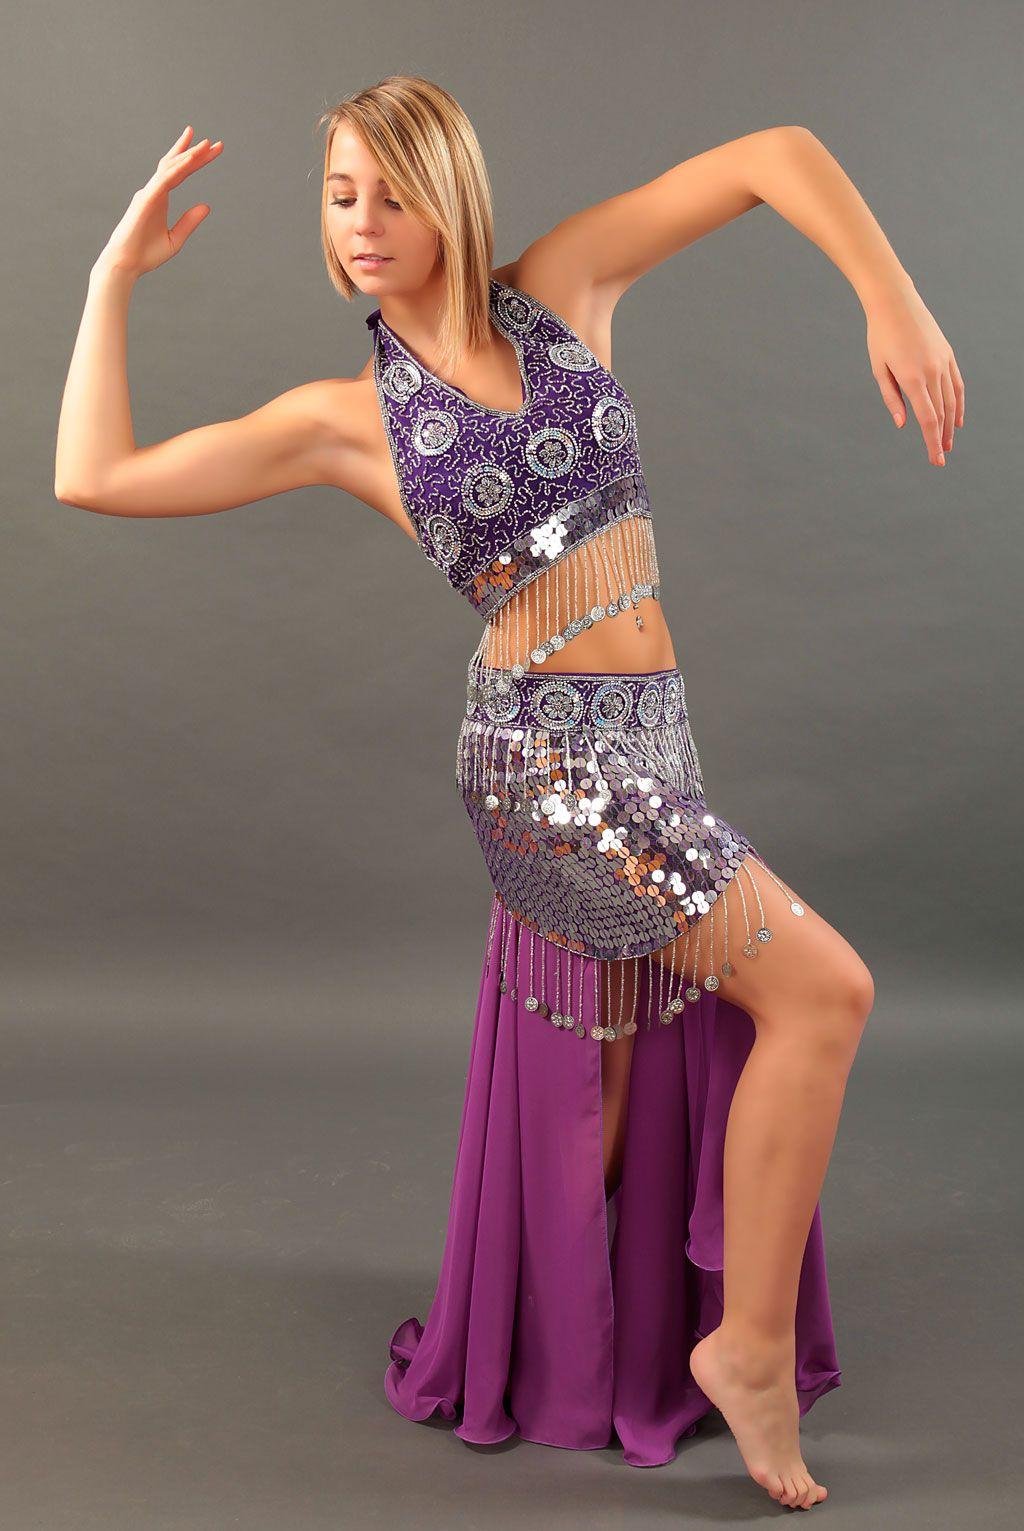 0829f662184a La tenue de danse orientale qui va faire sensation ! Jupe en mousseline  ultra féminine associée à un bustier et ceinture sublimement ornés de  sequins qui .